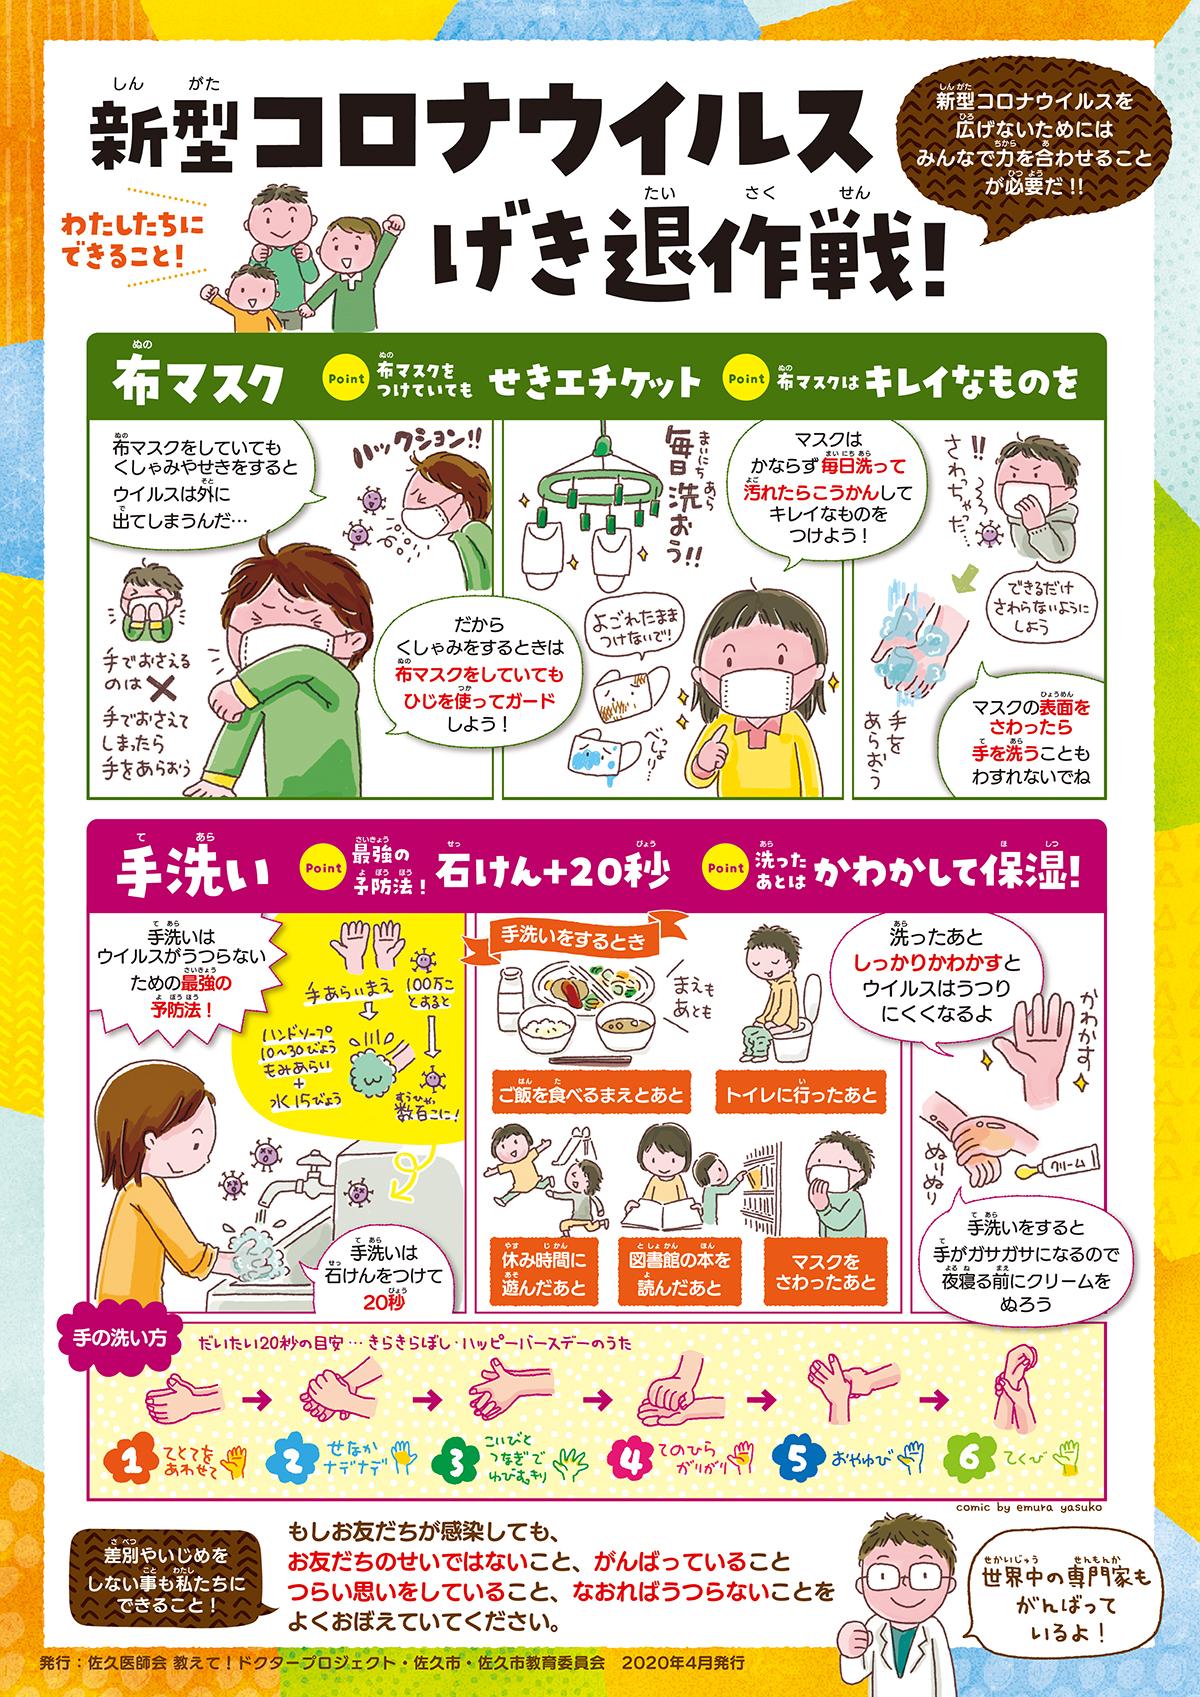 新型コロナウイルスげき退作戦!